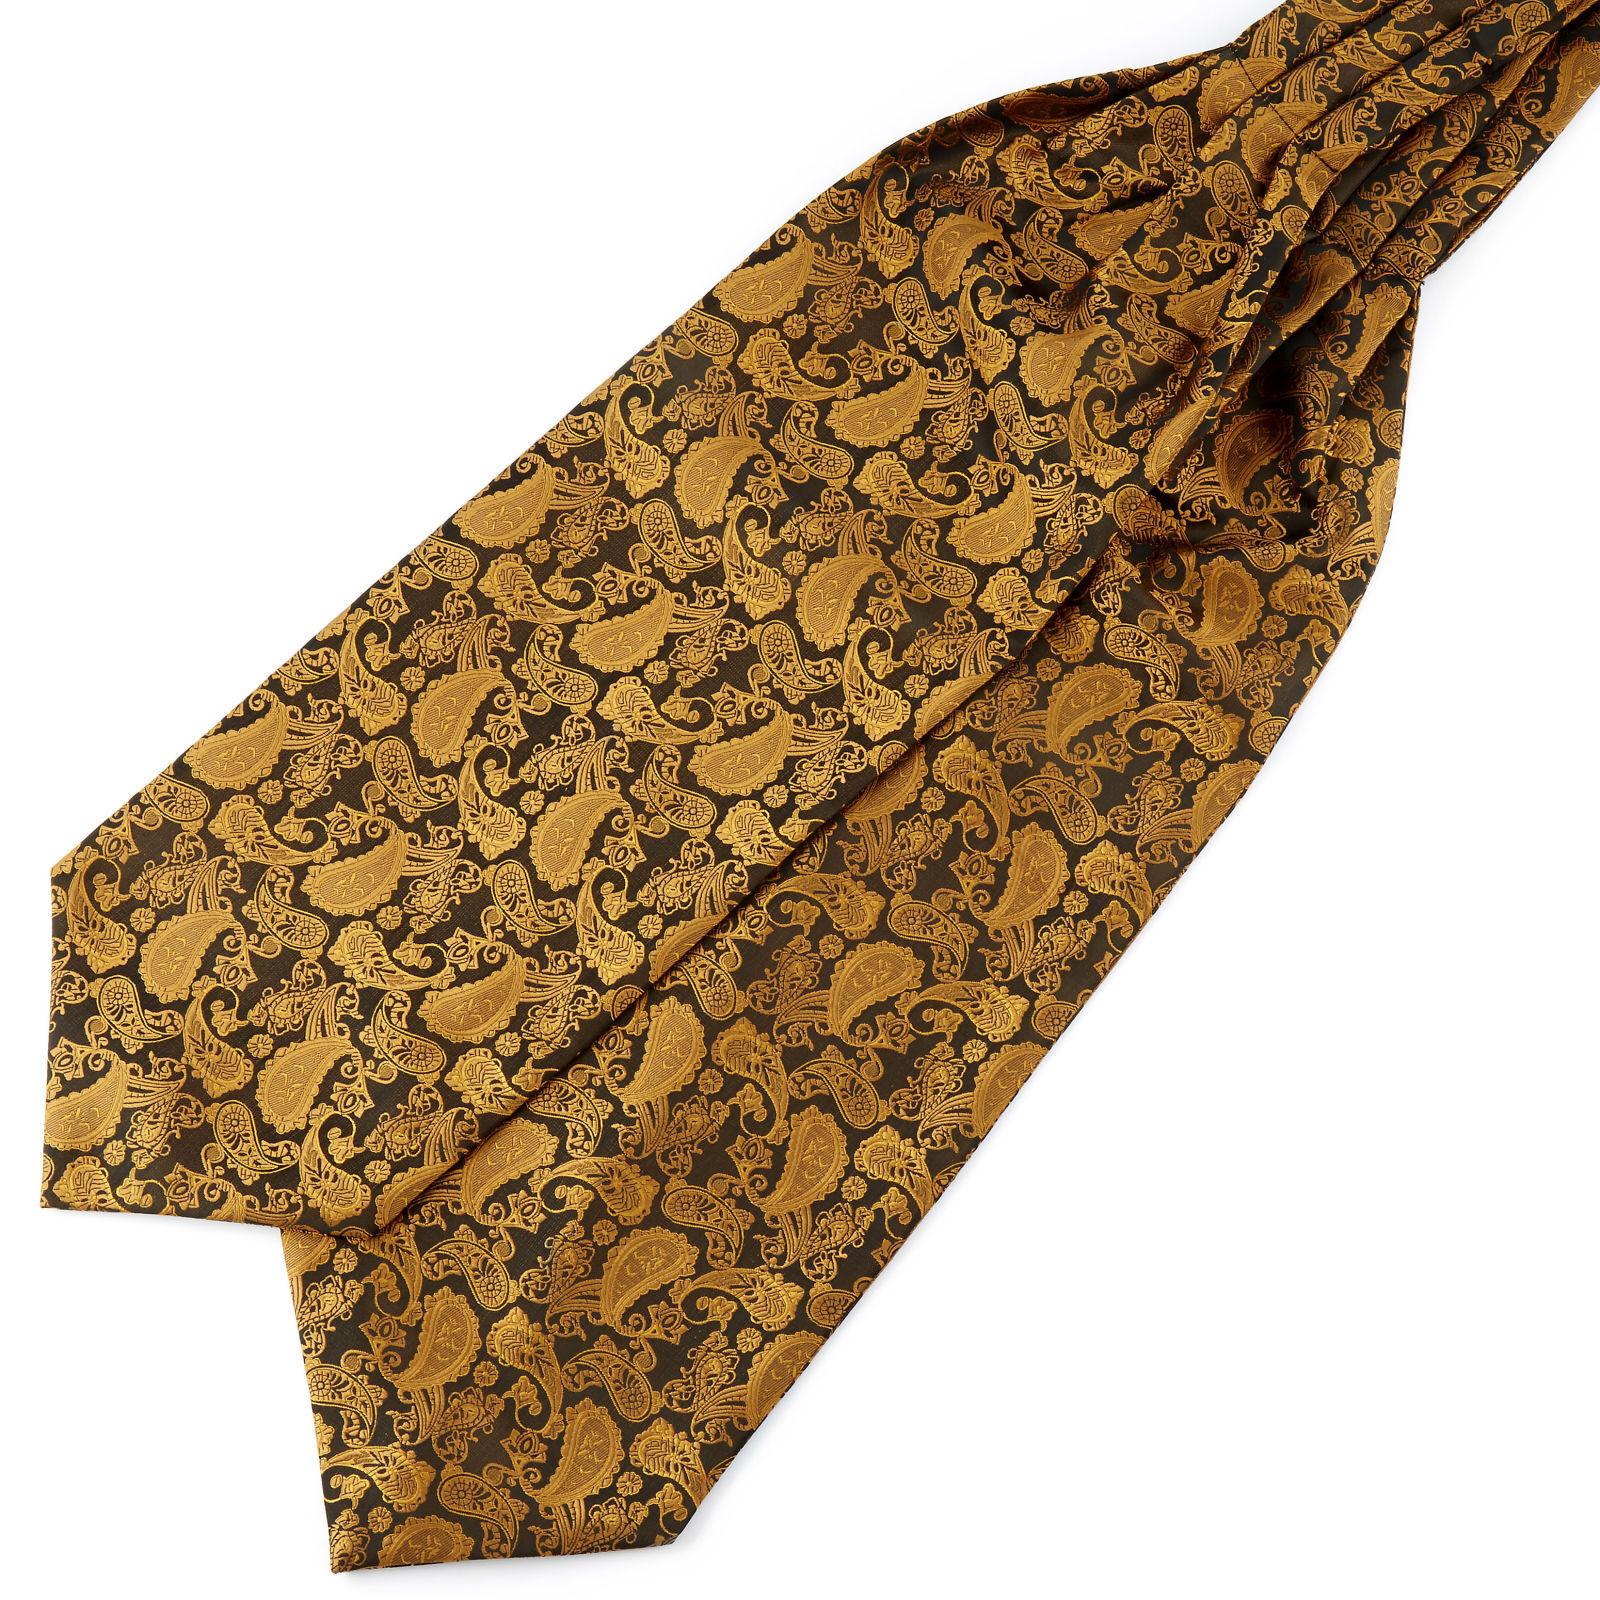 Tailor Toki Kullanvärinen & ruskea kasmirkuvioinen polyesteri ascot-solmio